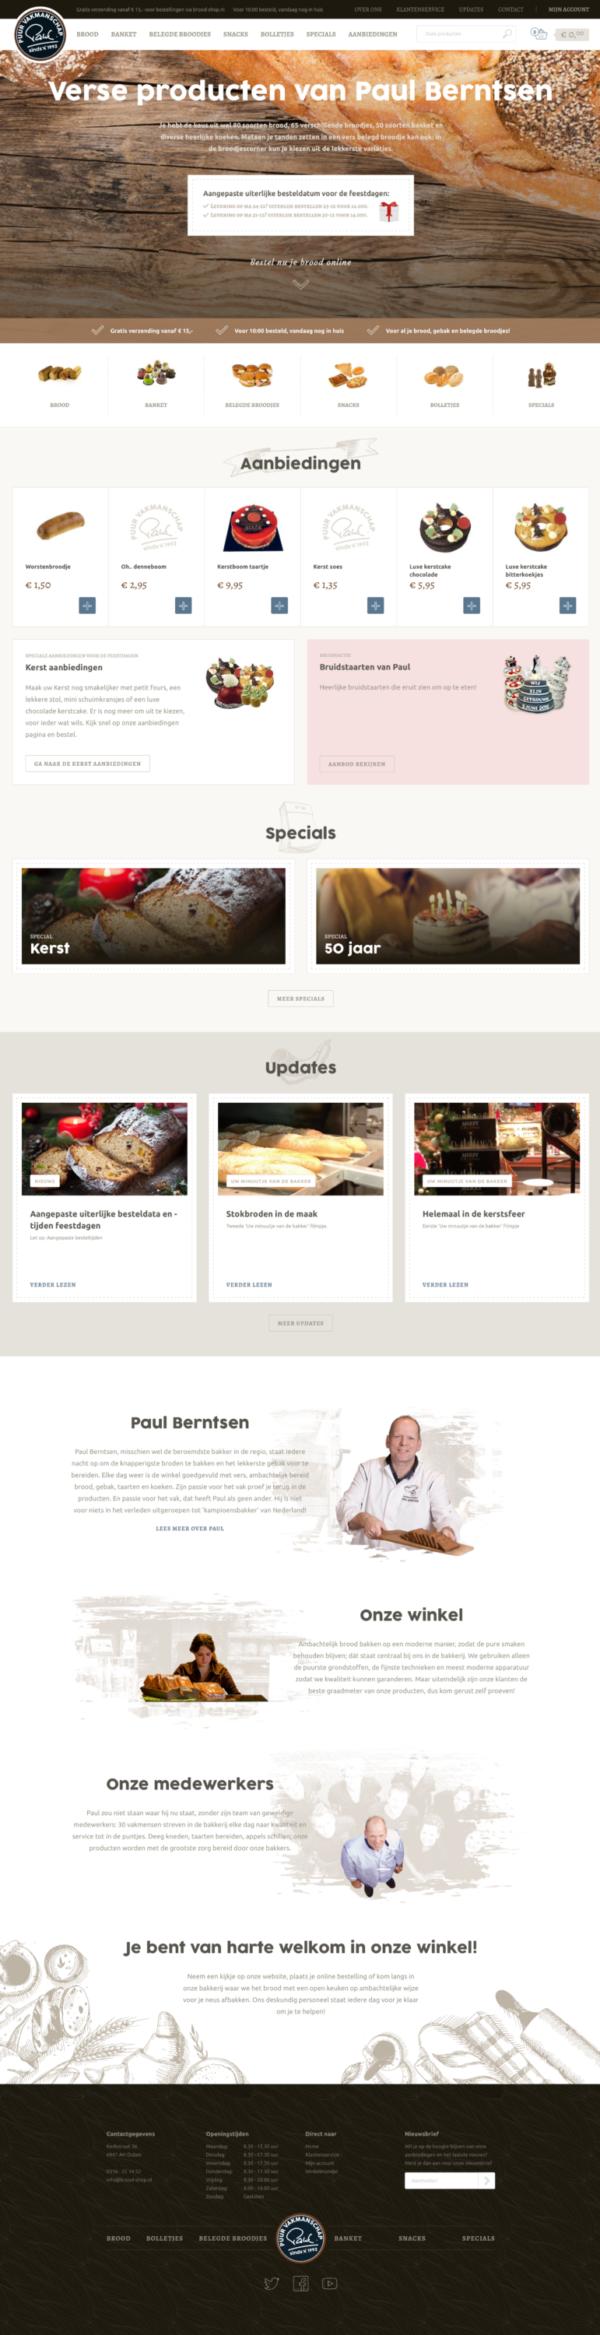 Webdesign Brood-shop.nl